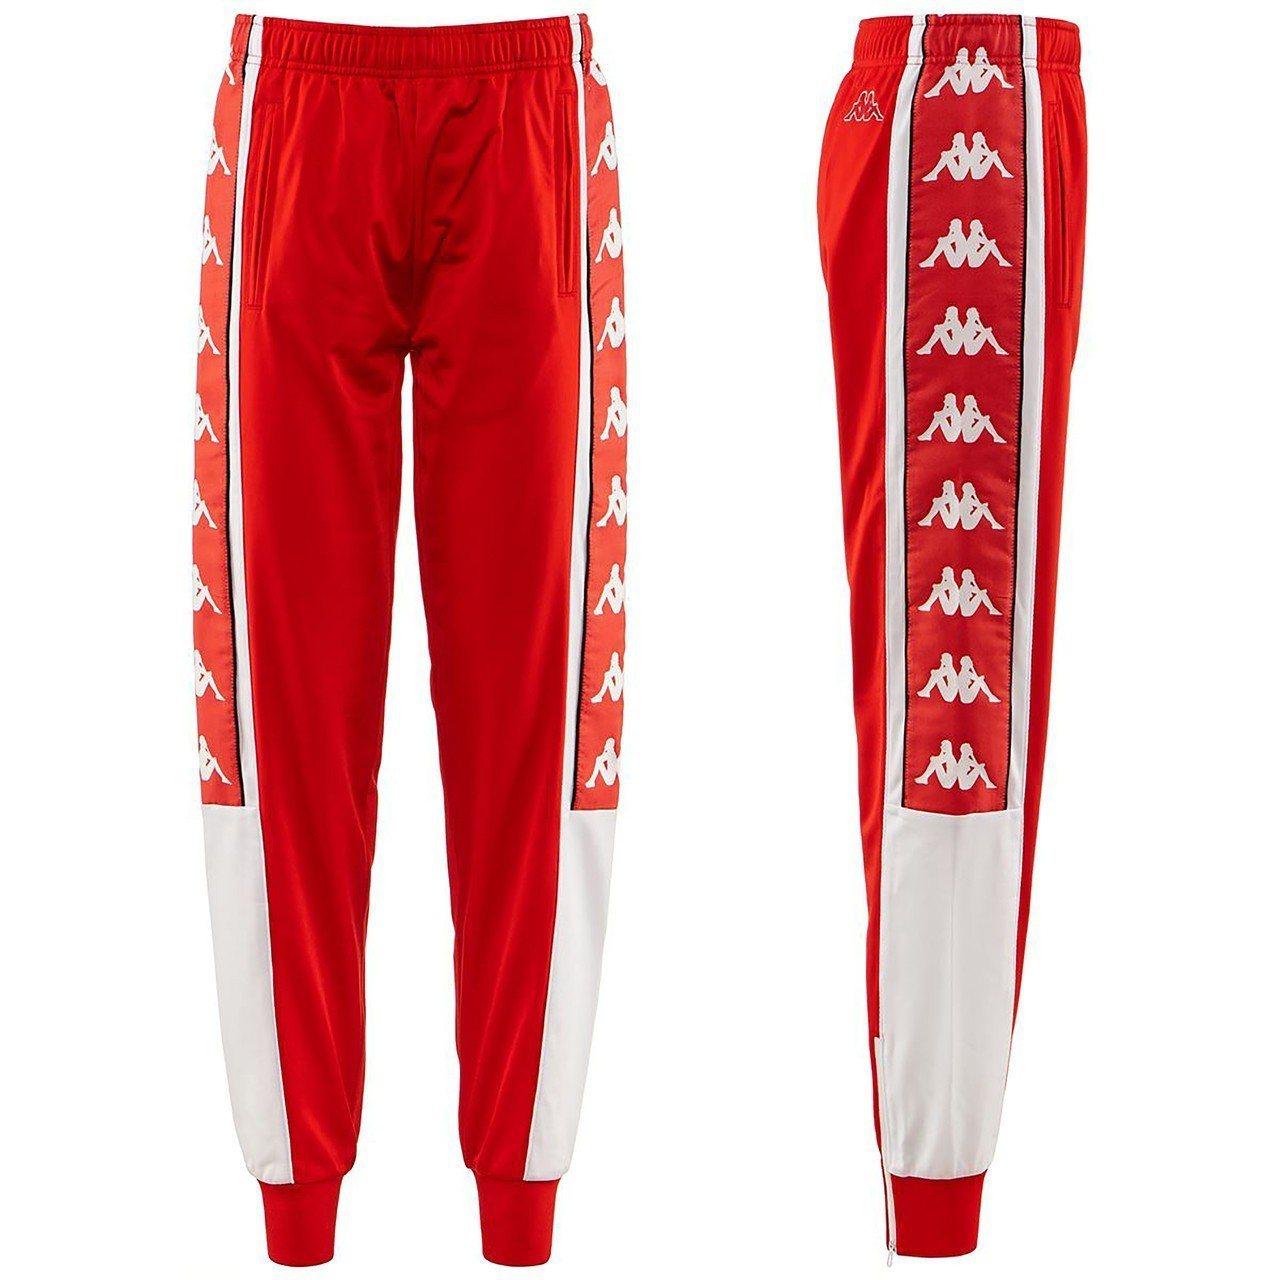 Kappa Banda 10系列紅色運動長褲,1,980元。圖/永三提供